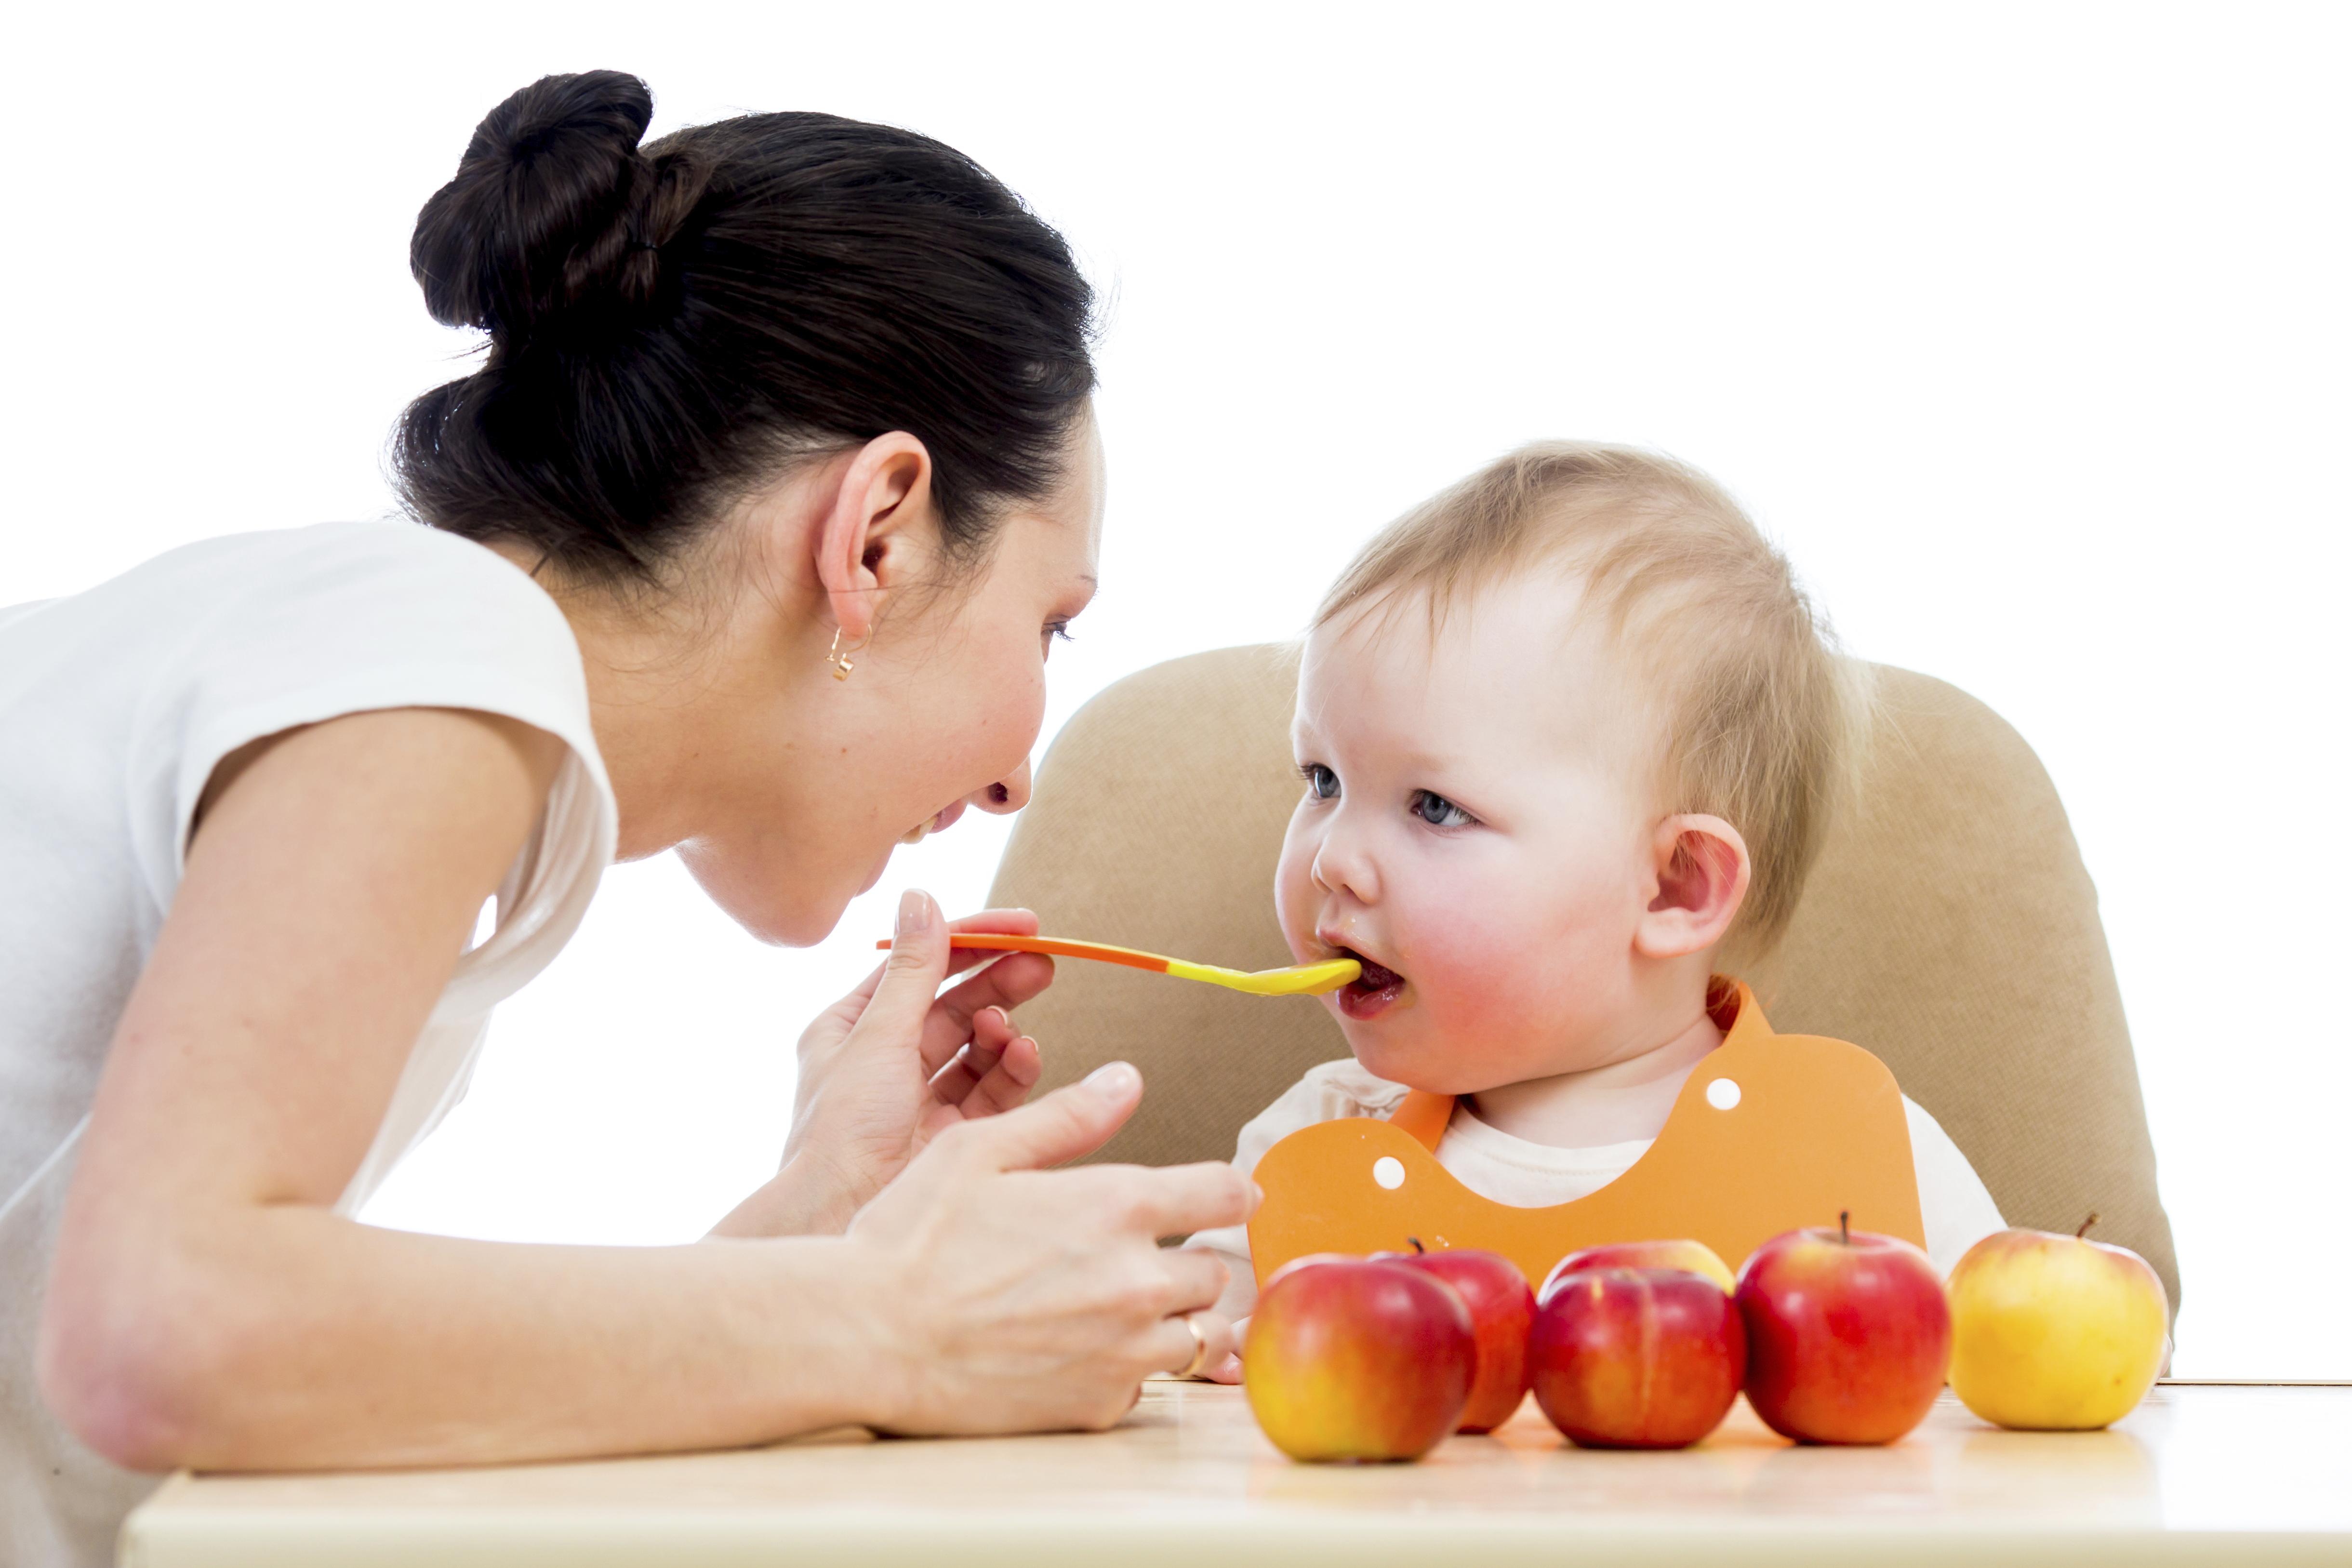 Feeding Babies Healthy Foods